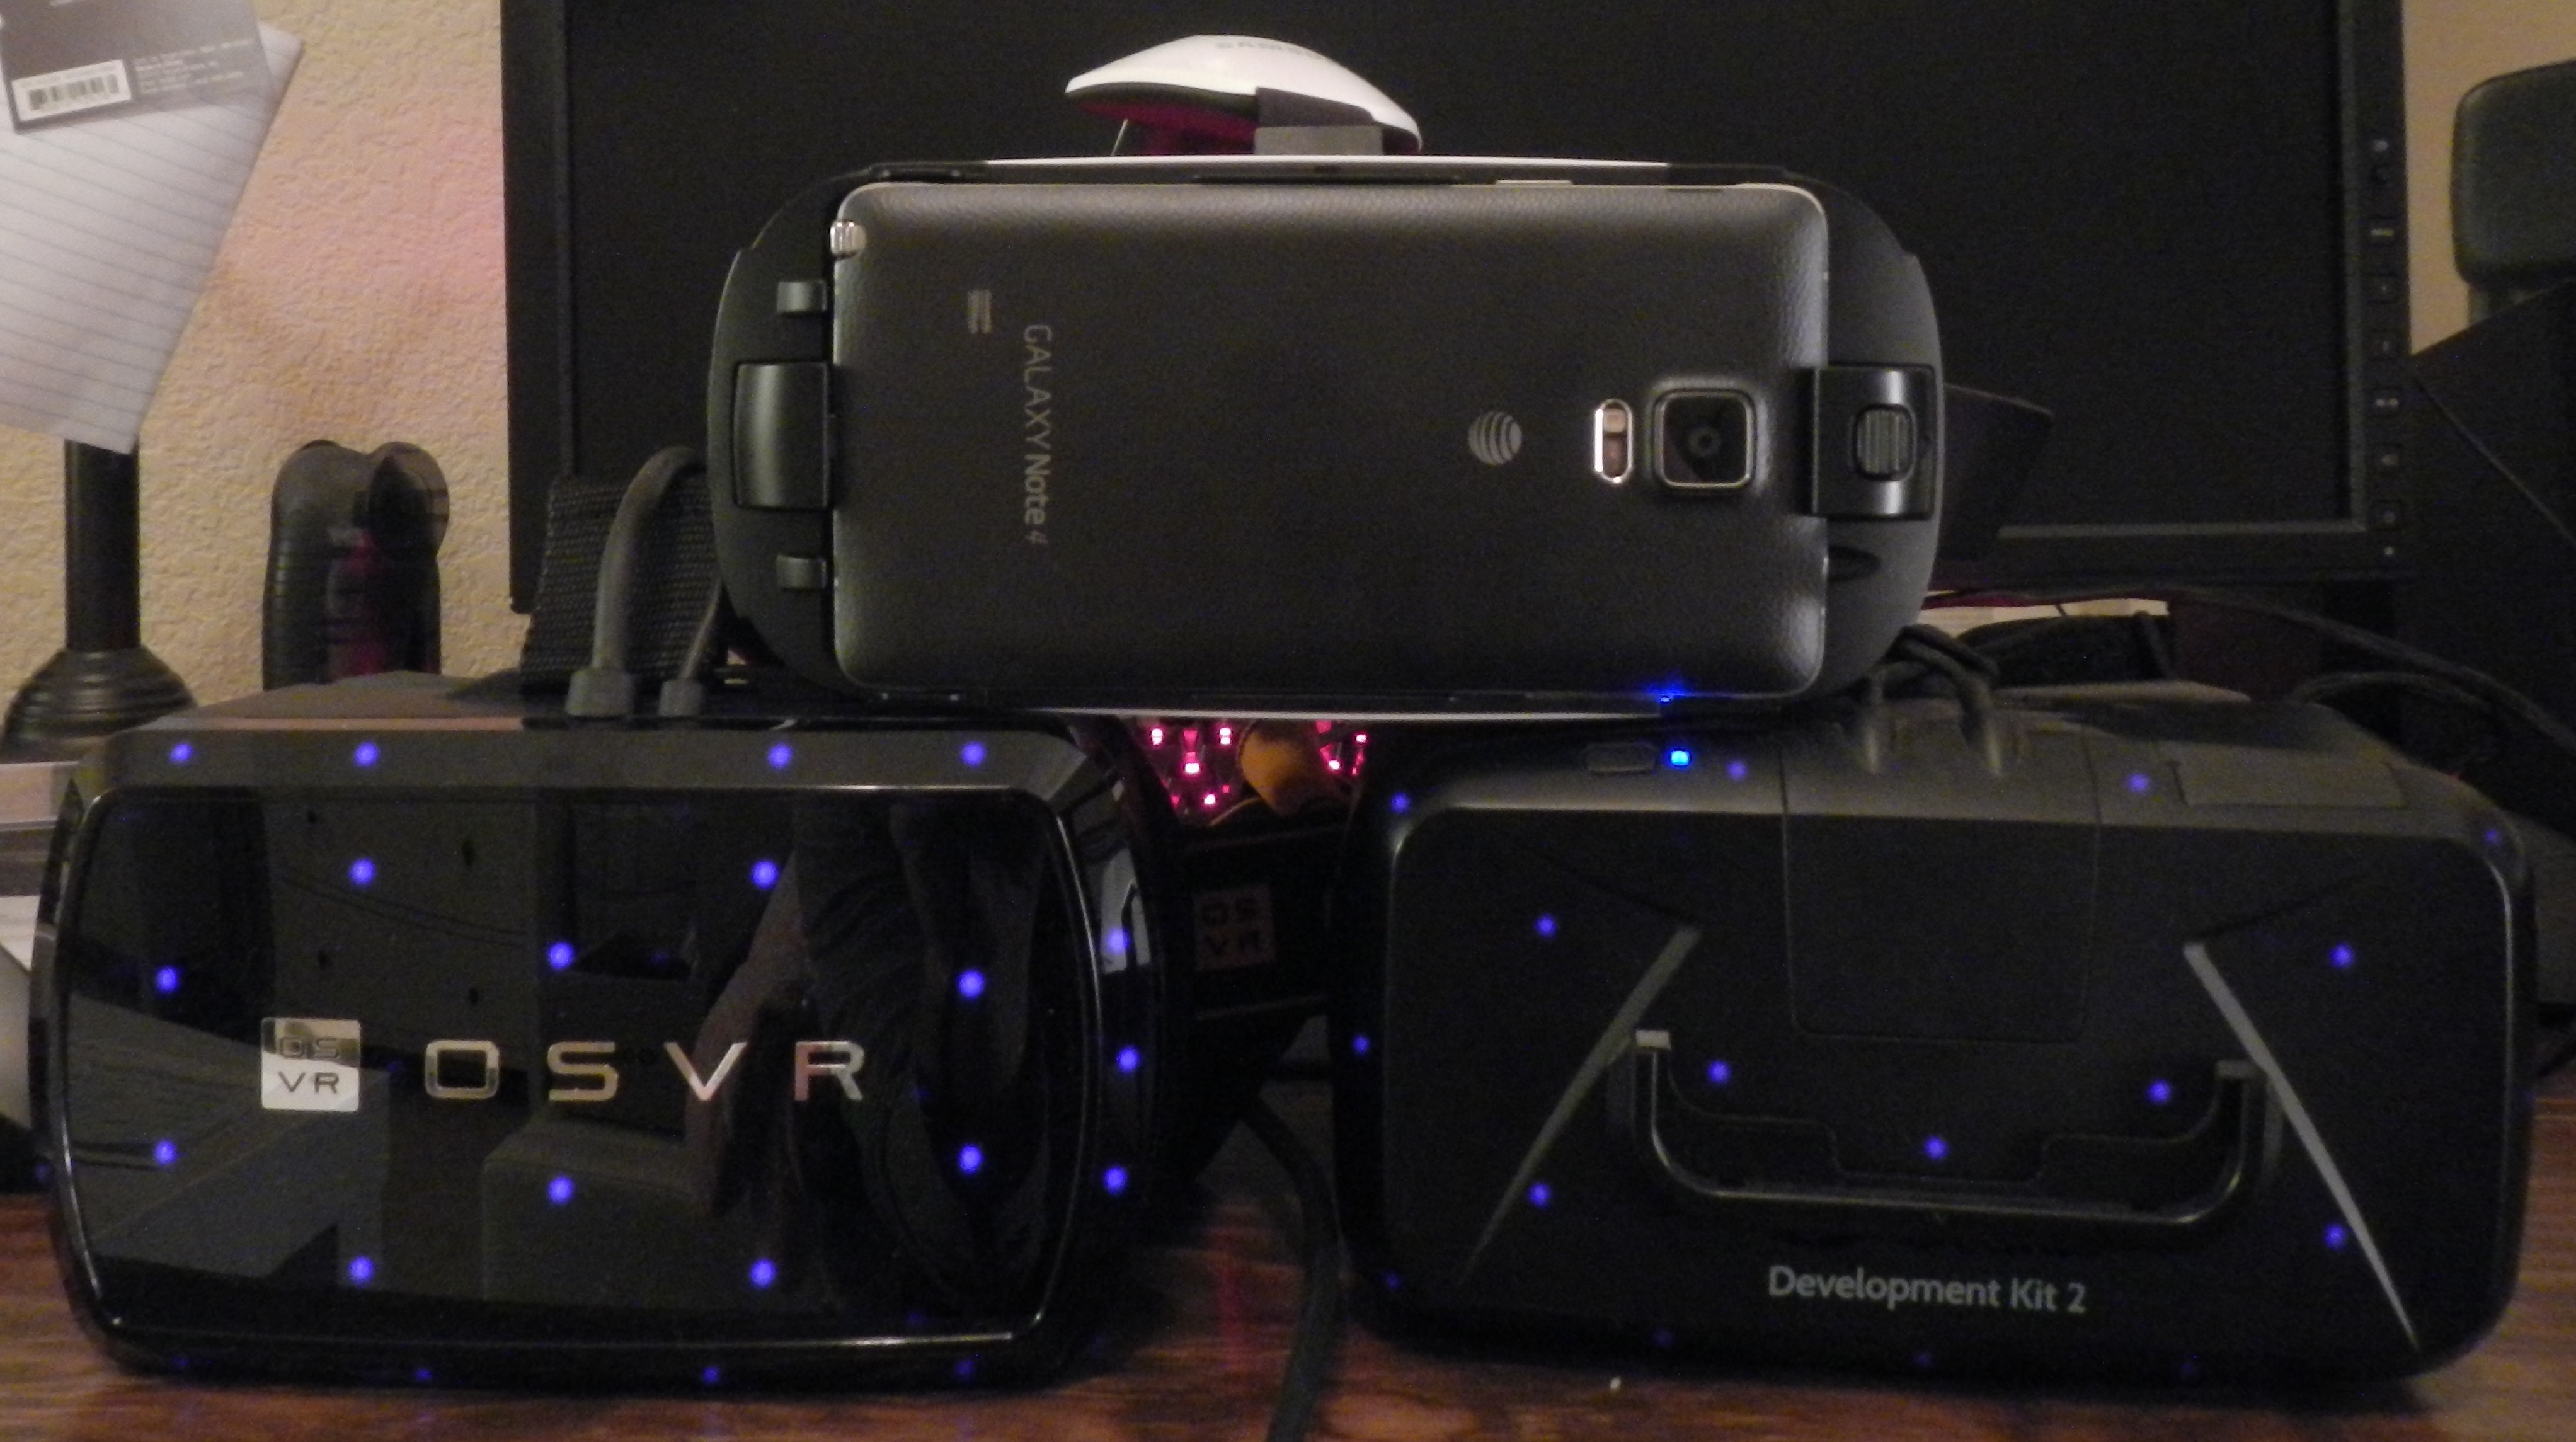 HDK DK2 Gear VR